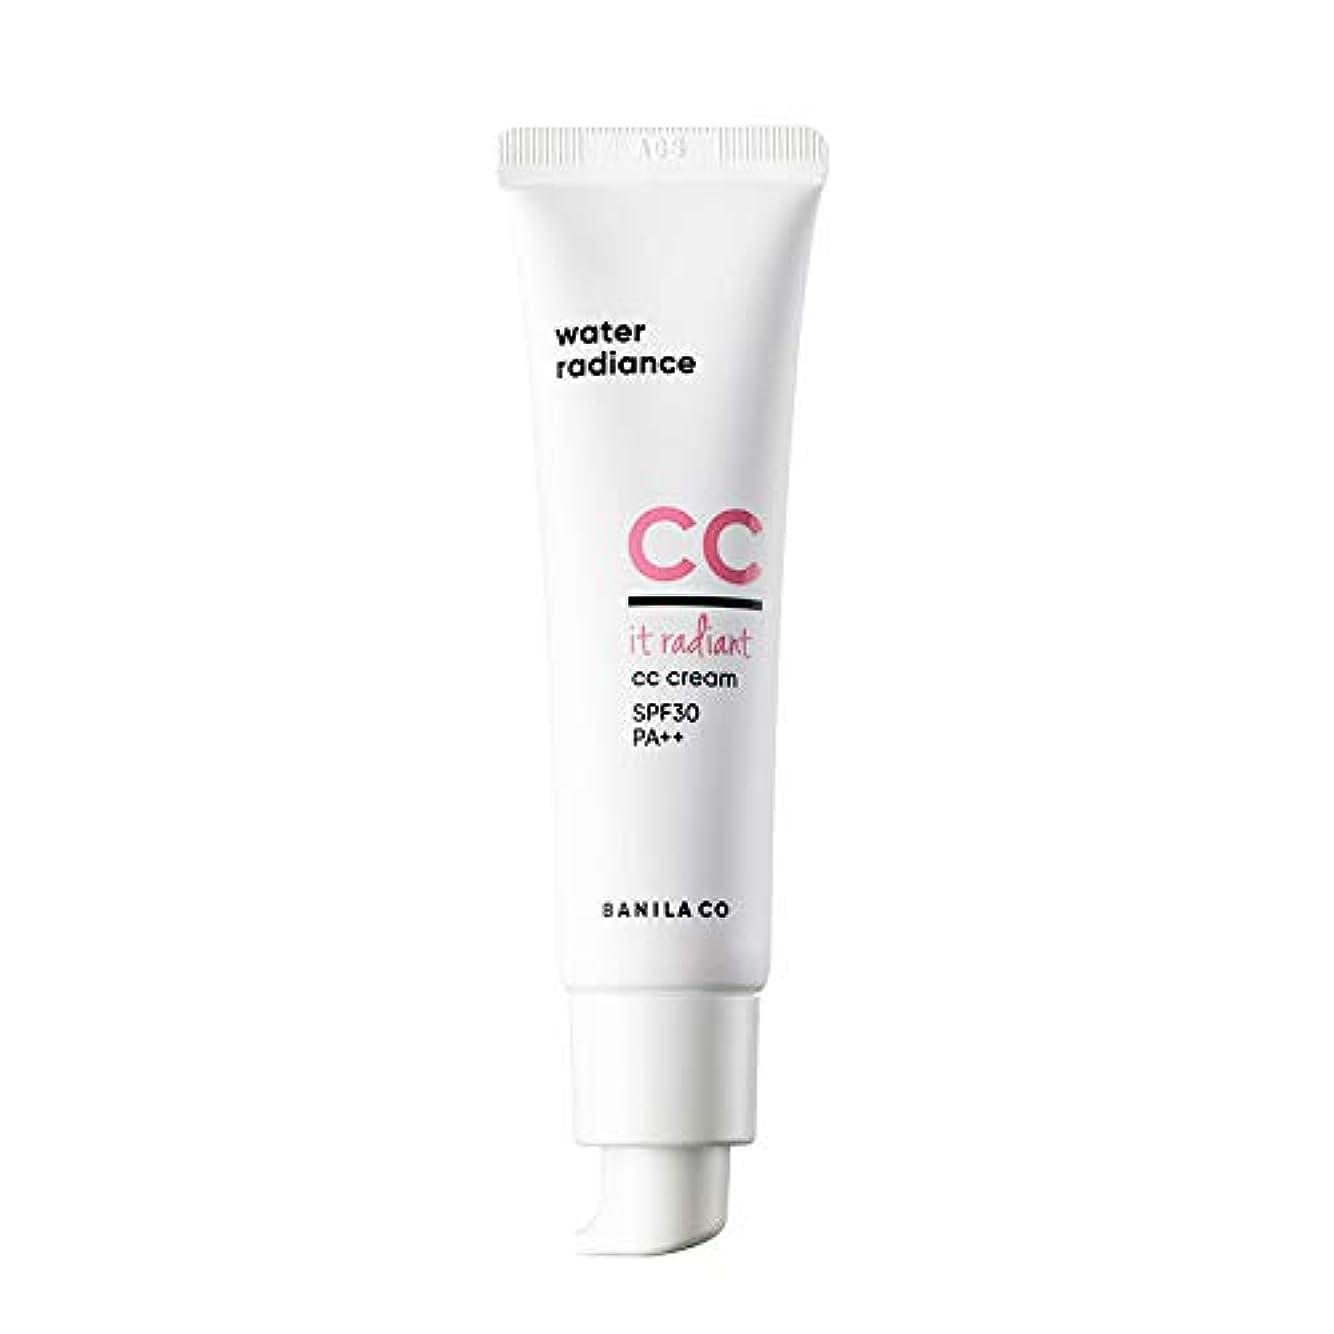 差別的うがいマットレスBANILA CO(バニラコ) イットレディアント ccクリーム It Radiant CC Cream